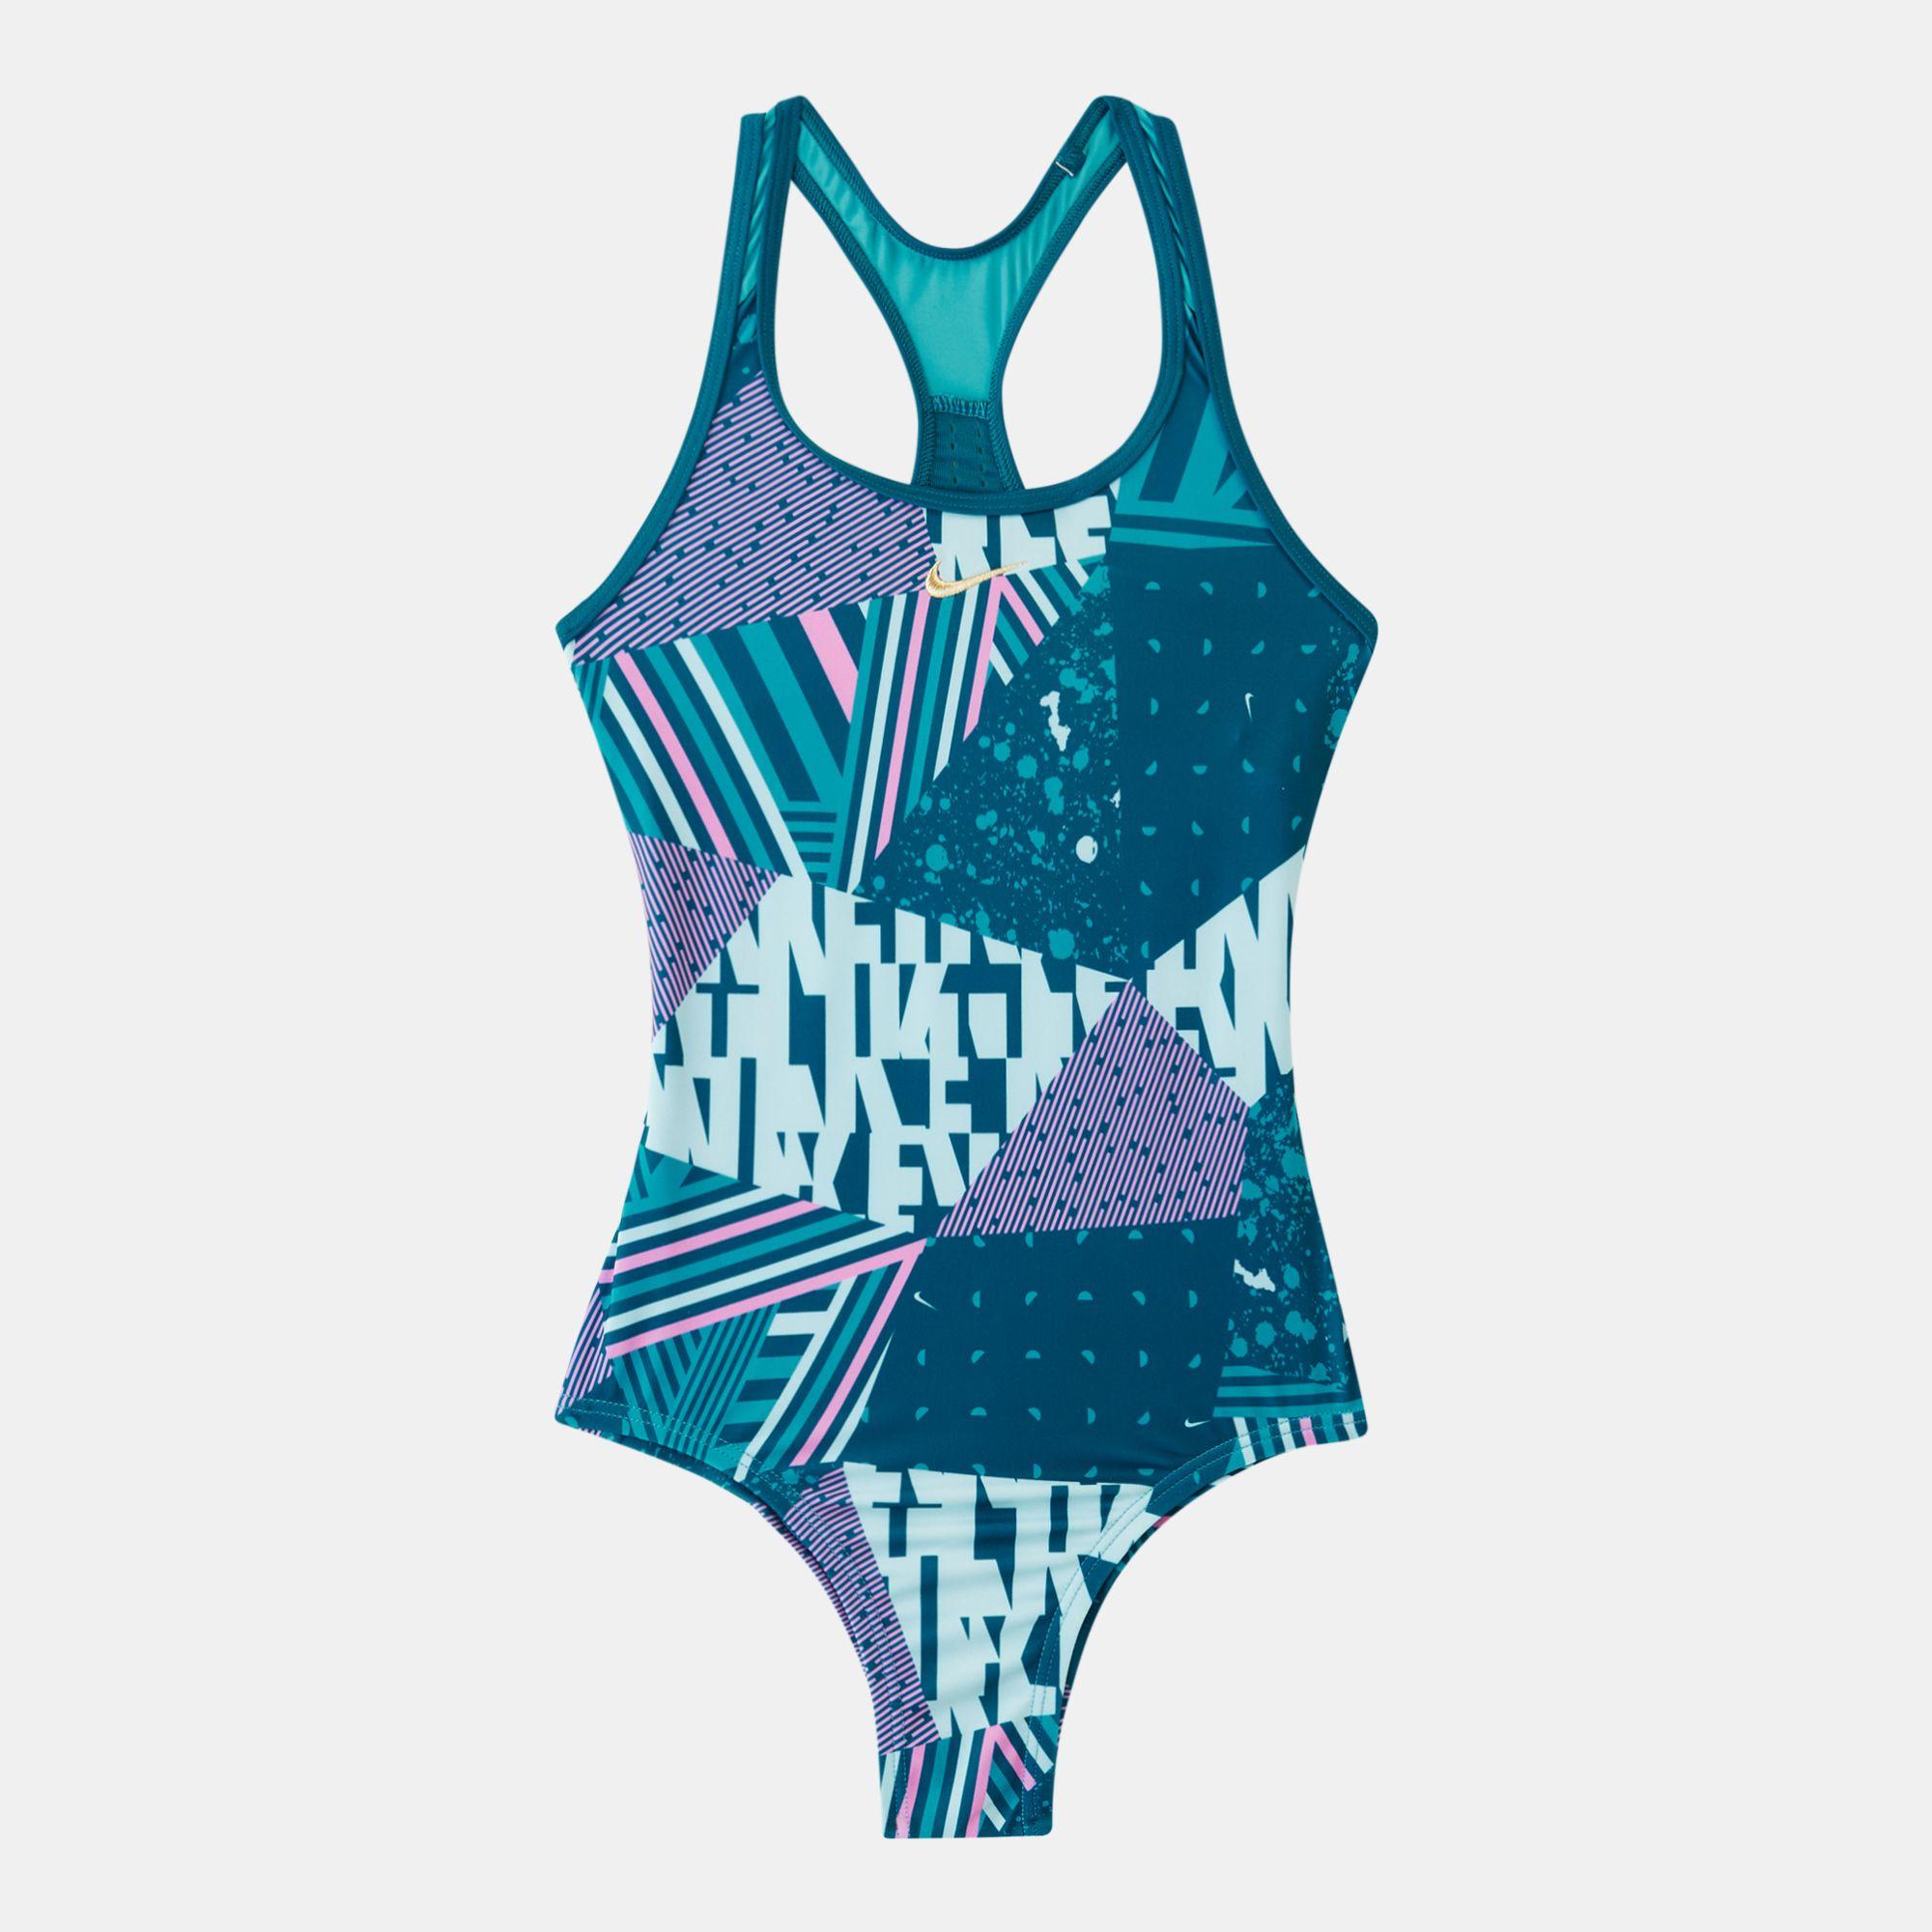 44385ec510ef2 Nike Kids' Make up Racerback One-Piece Swimsuit (Older Kids ...